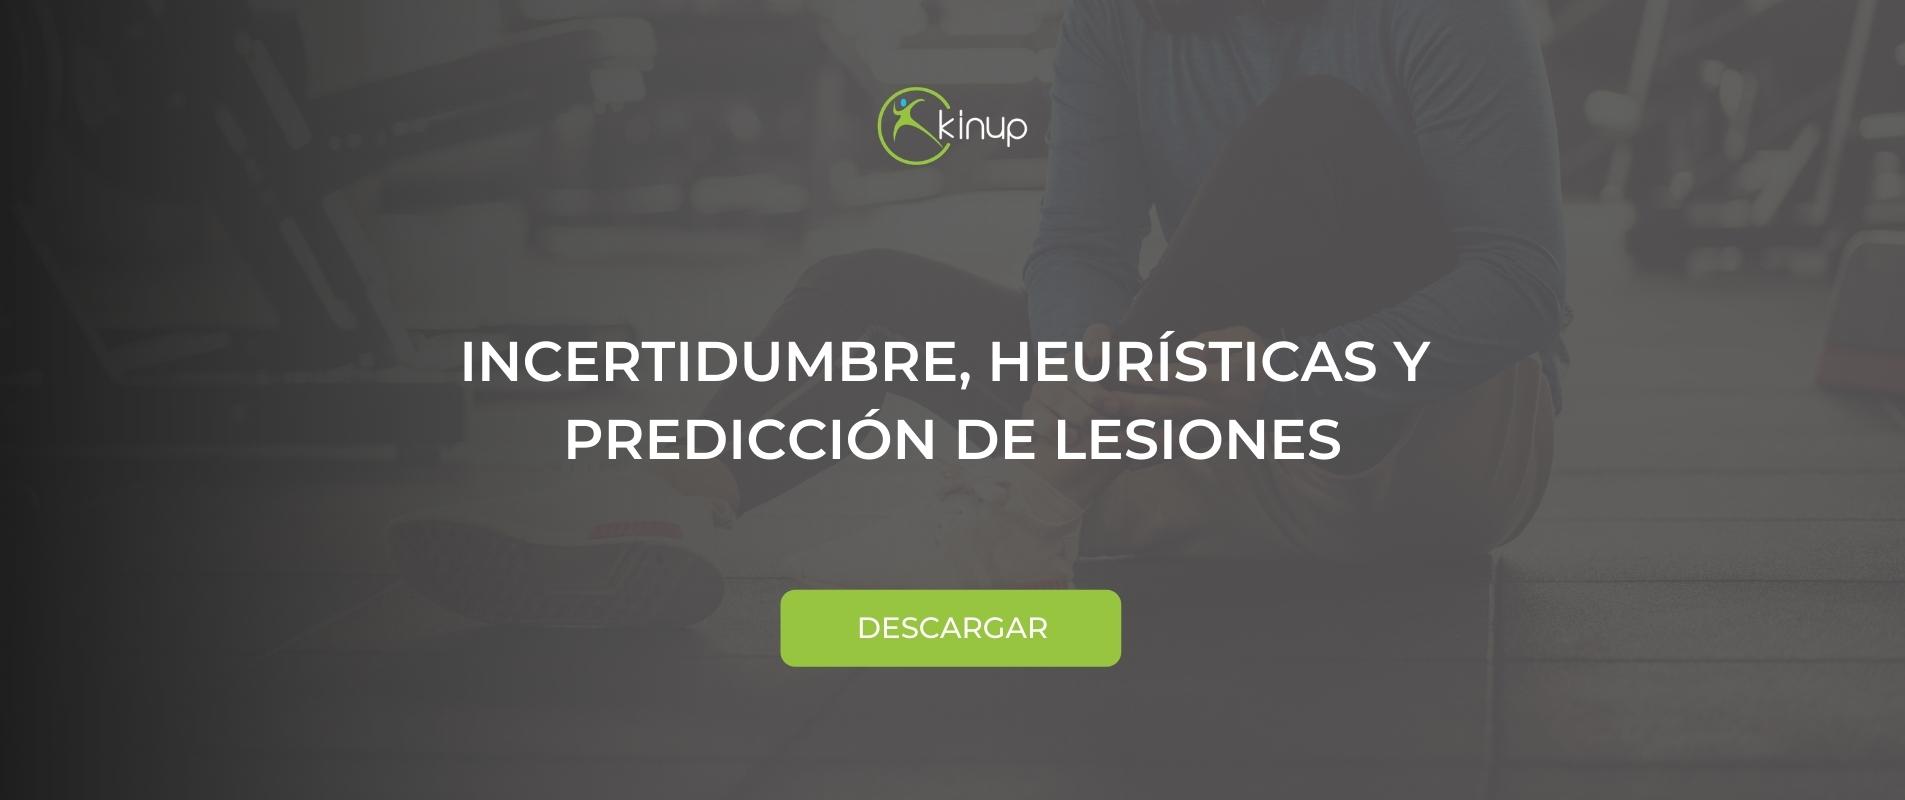 Incertidumbre, heurística y predicción de lesiones